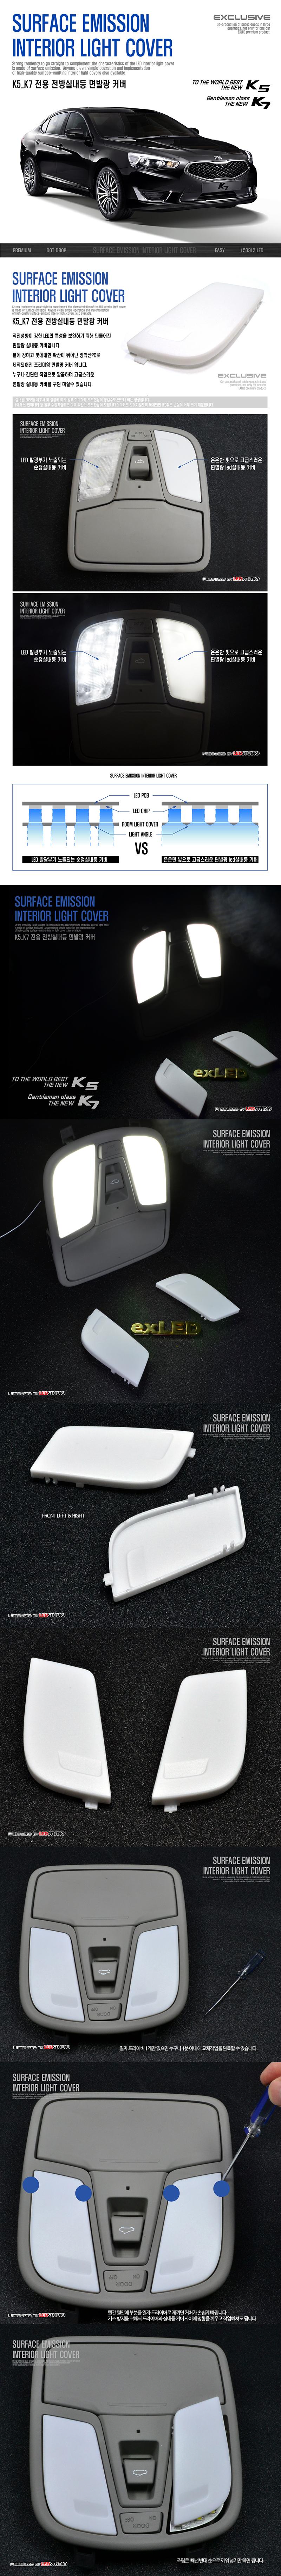 [재고한정]exLED K5,K7용 전방 실내등 교체형 면발광 커버 (좌우측 1대분)